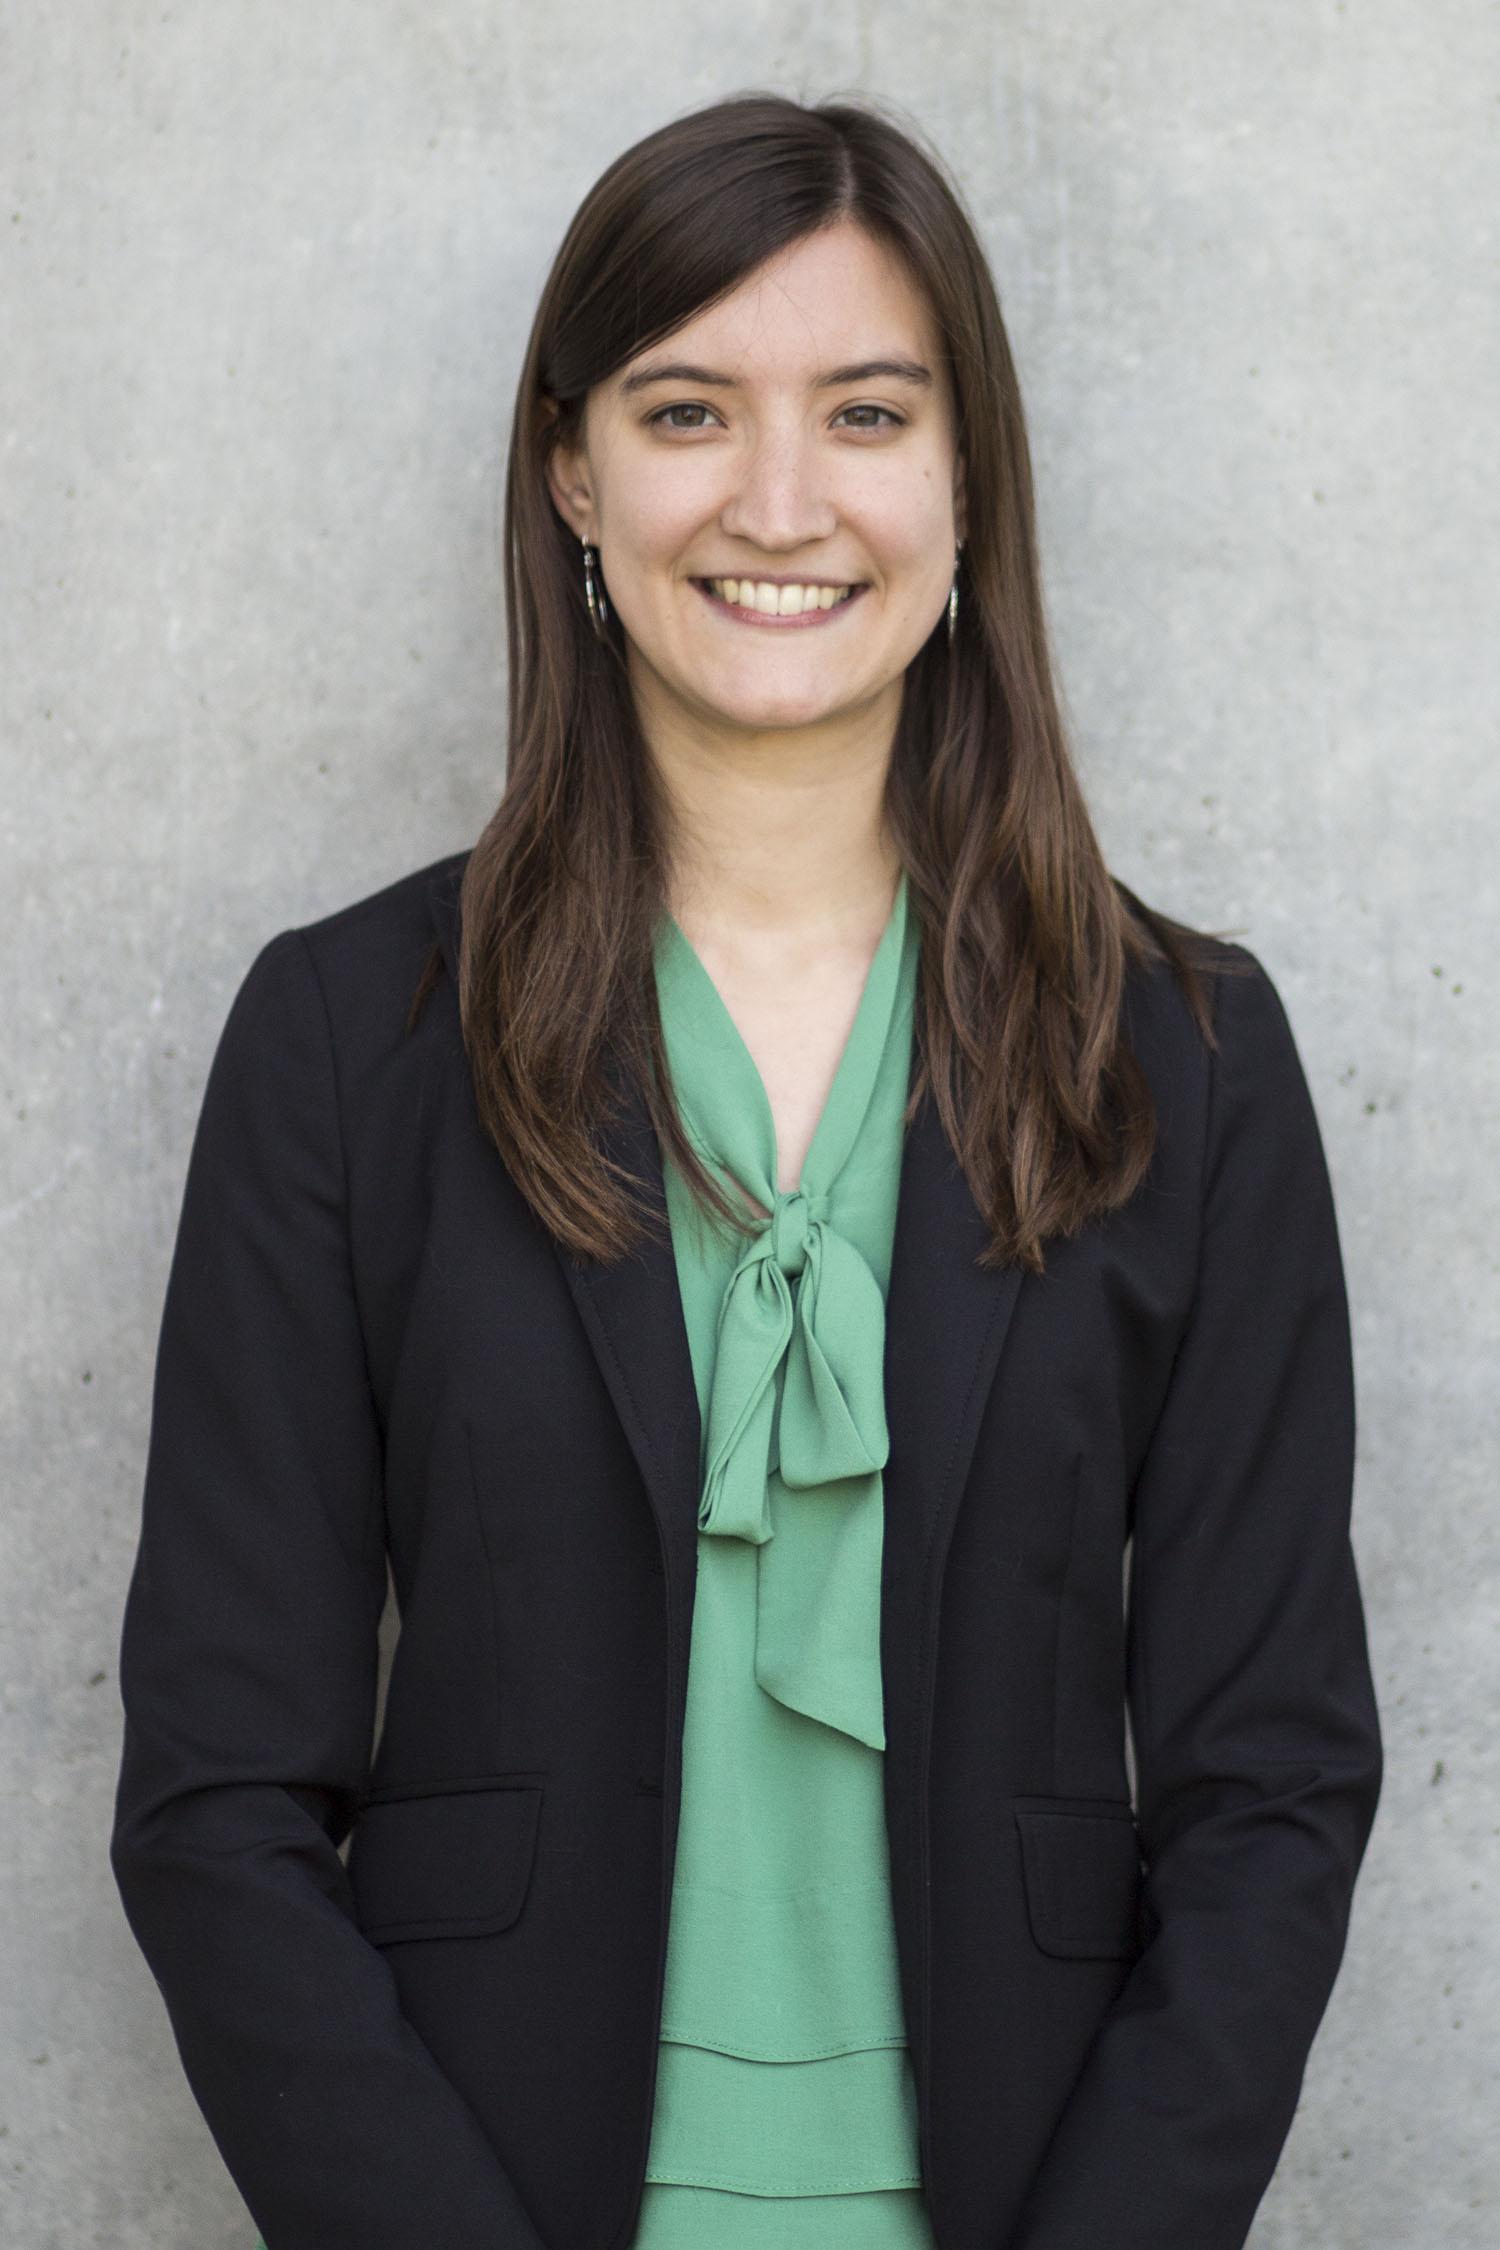 Lauren Fleming